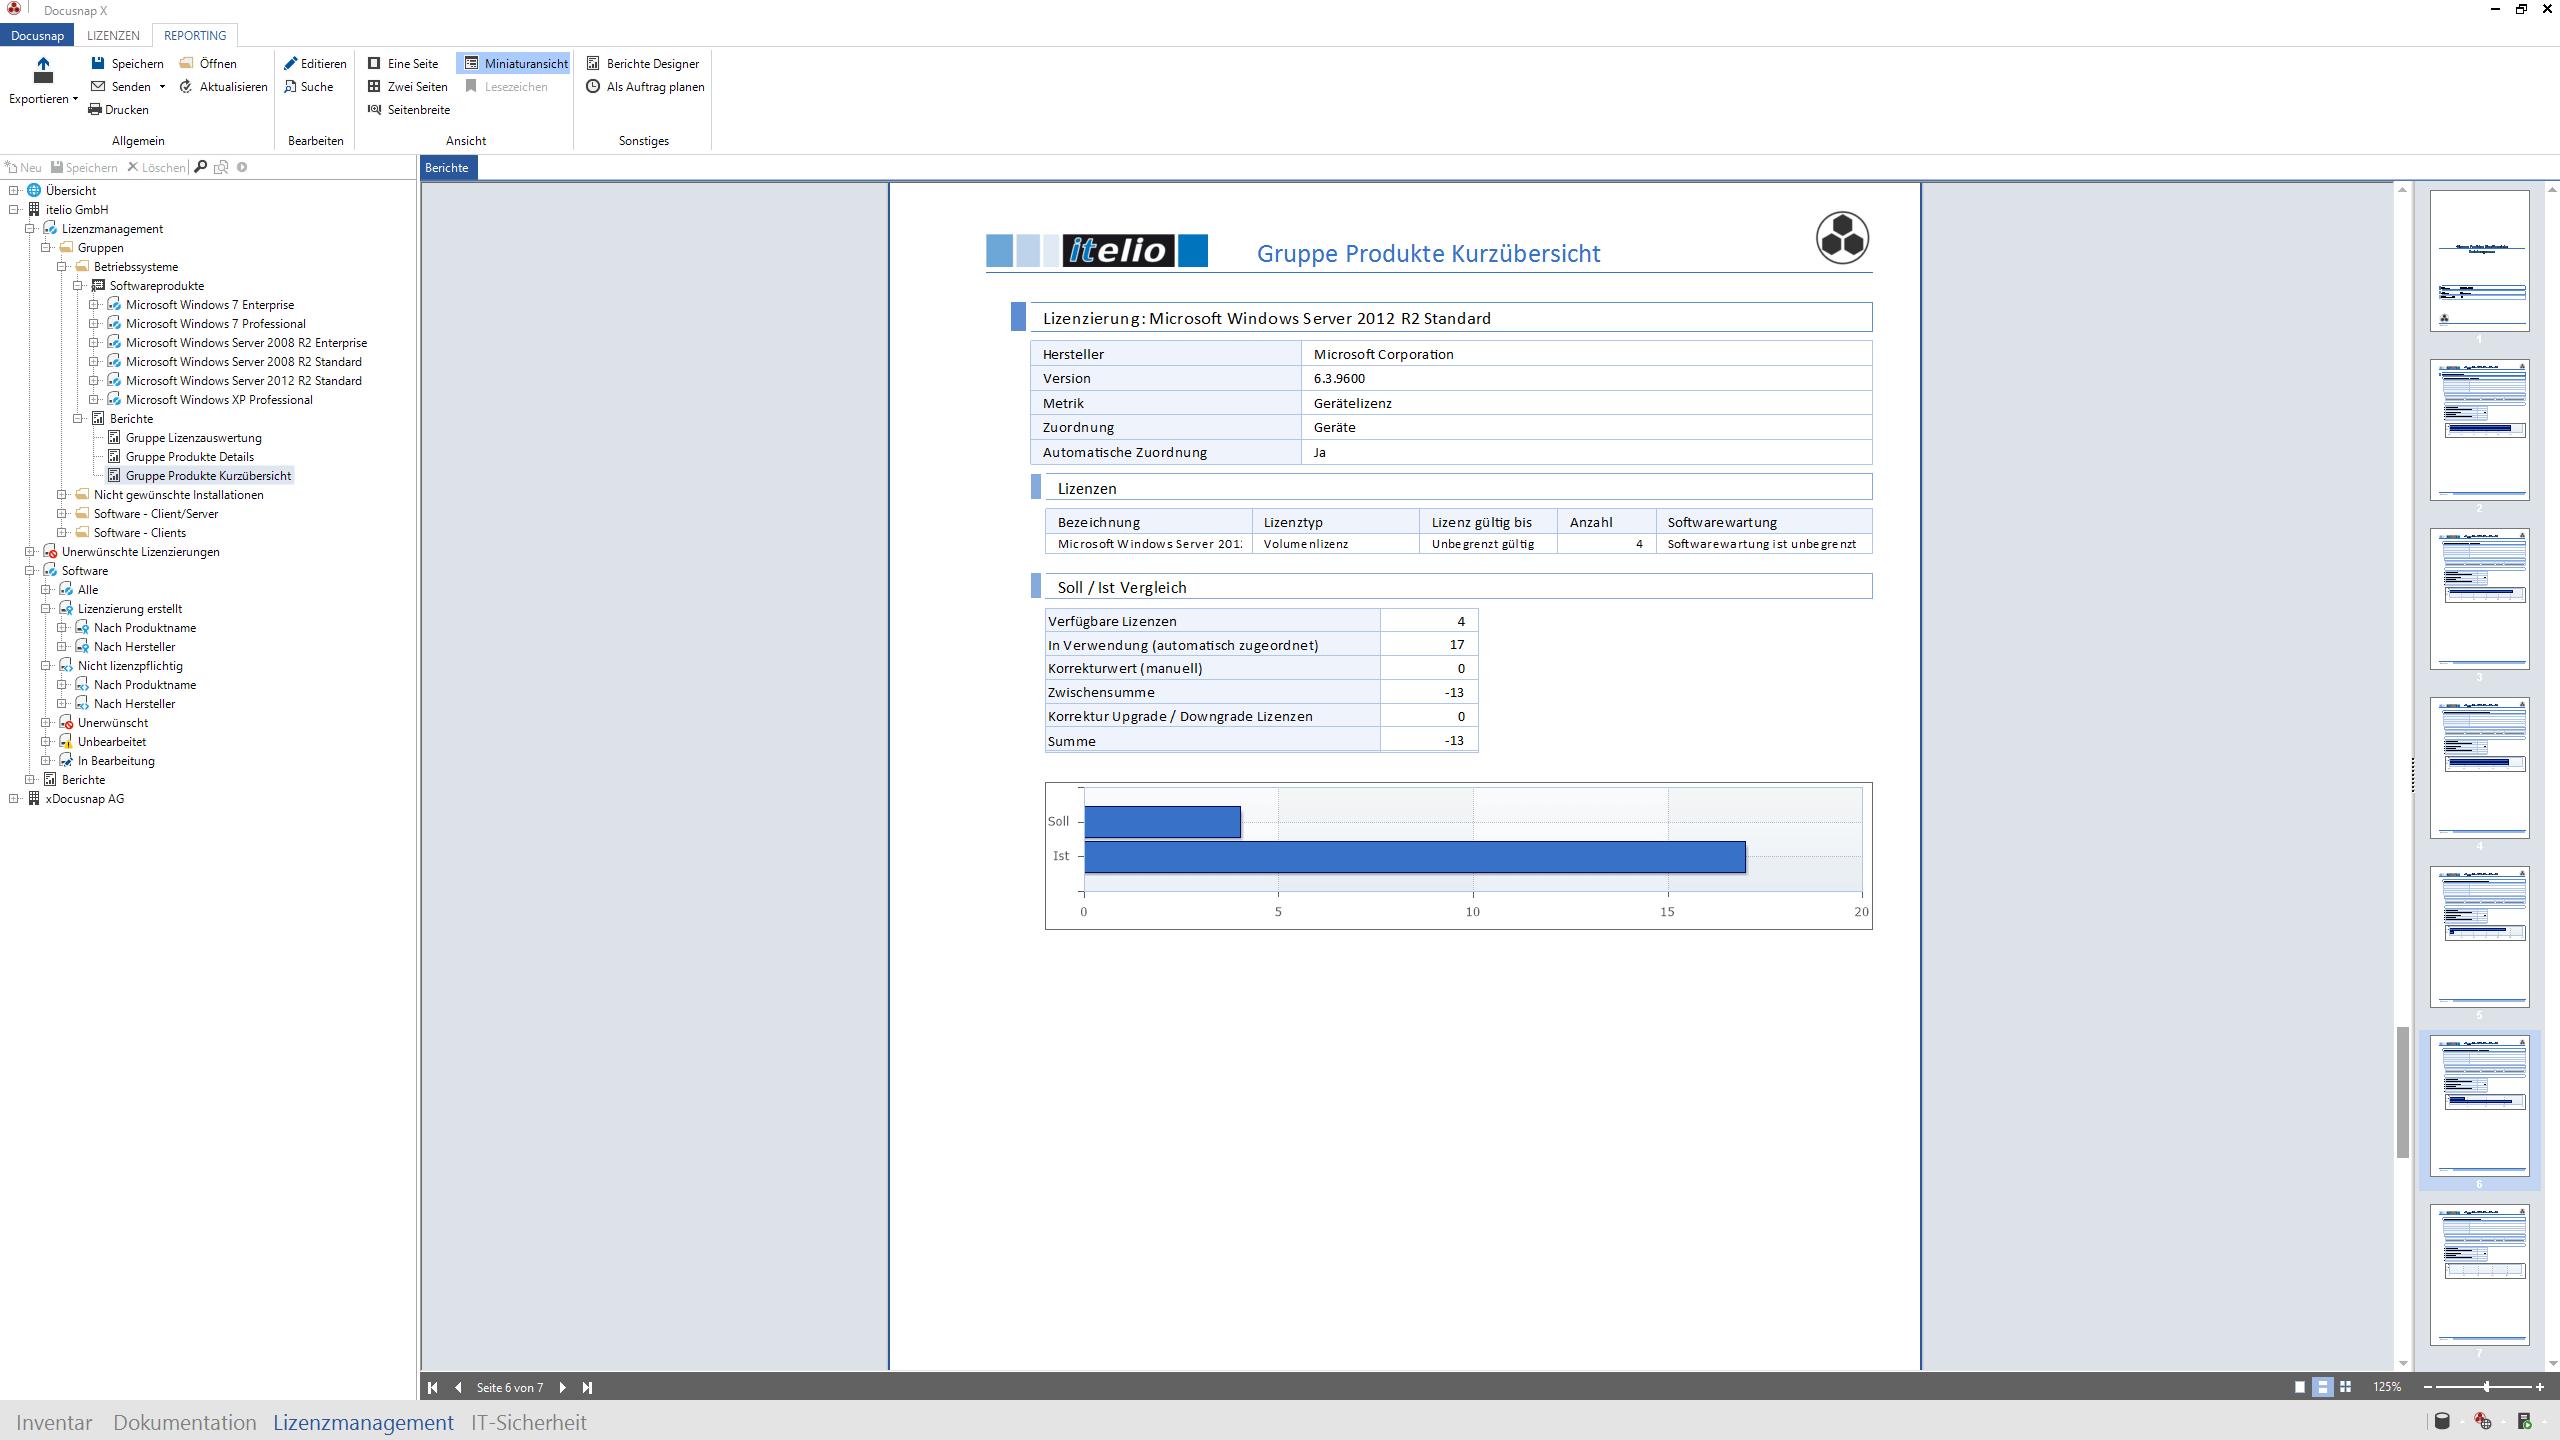 Docusnap X Bericht Produkte Kurzübersicht